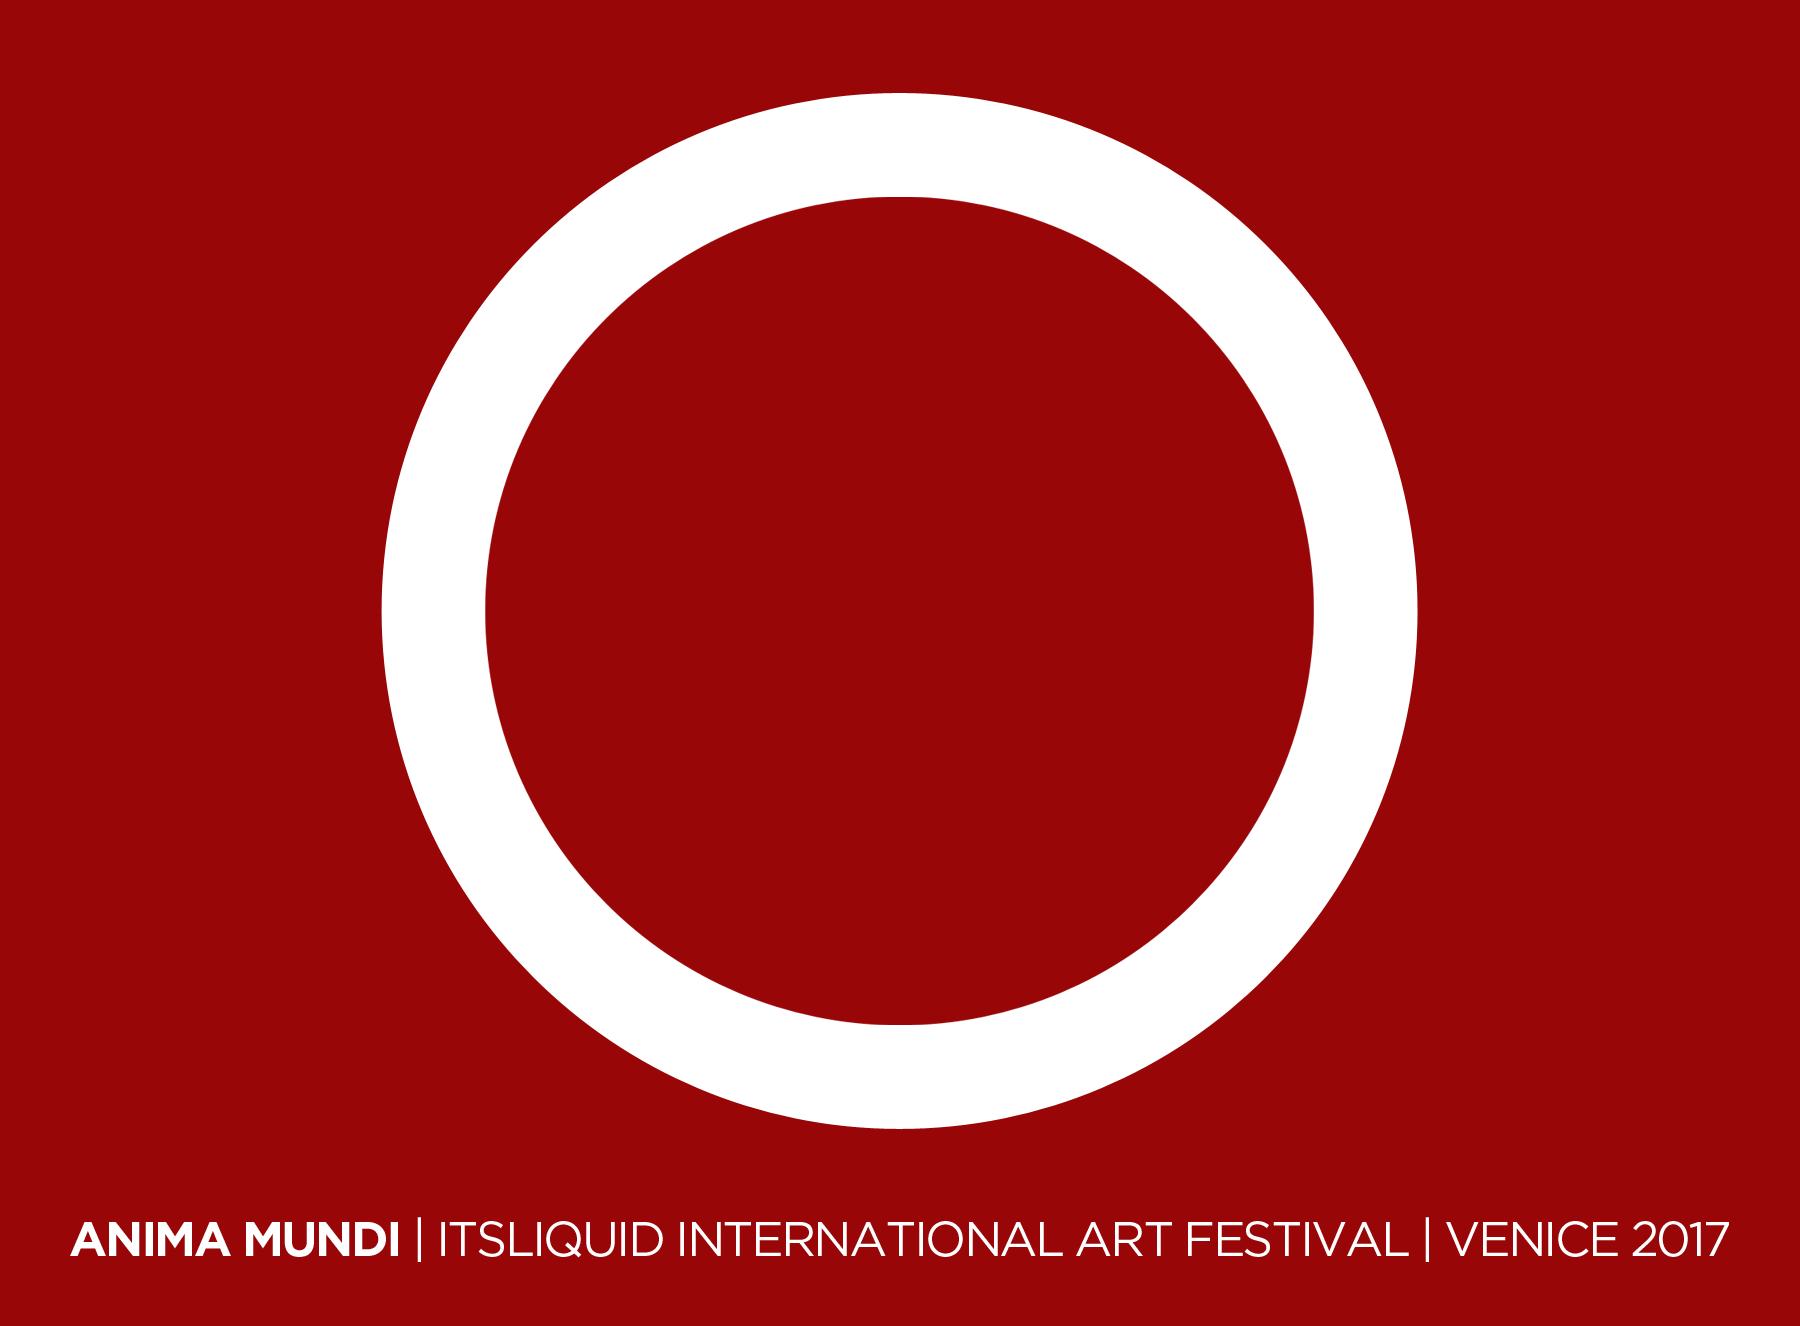 ANIMA MUNDI – VENICE MAY-NOV 2017 - logo